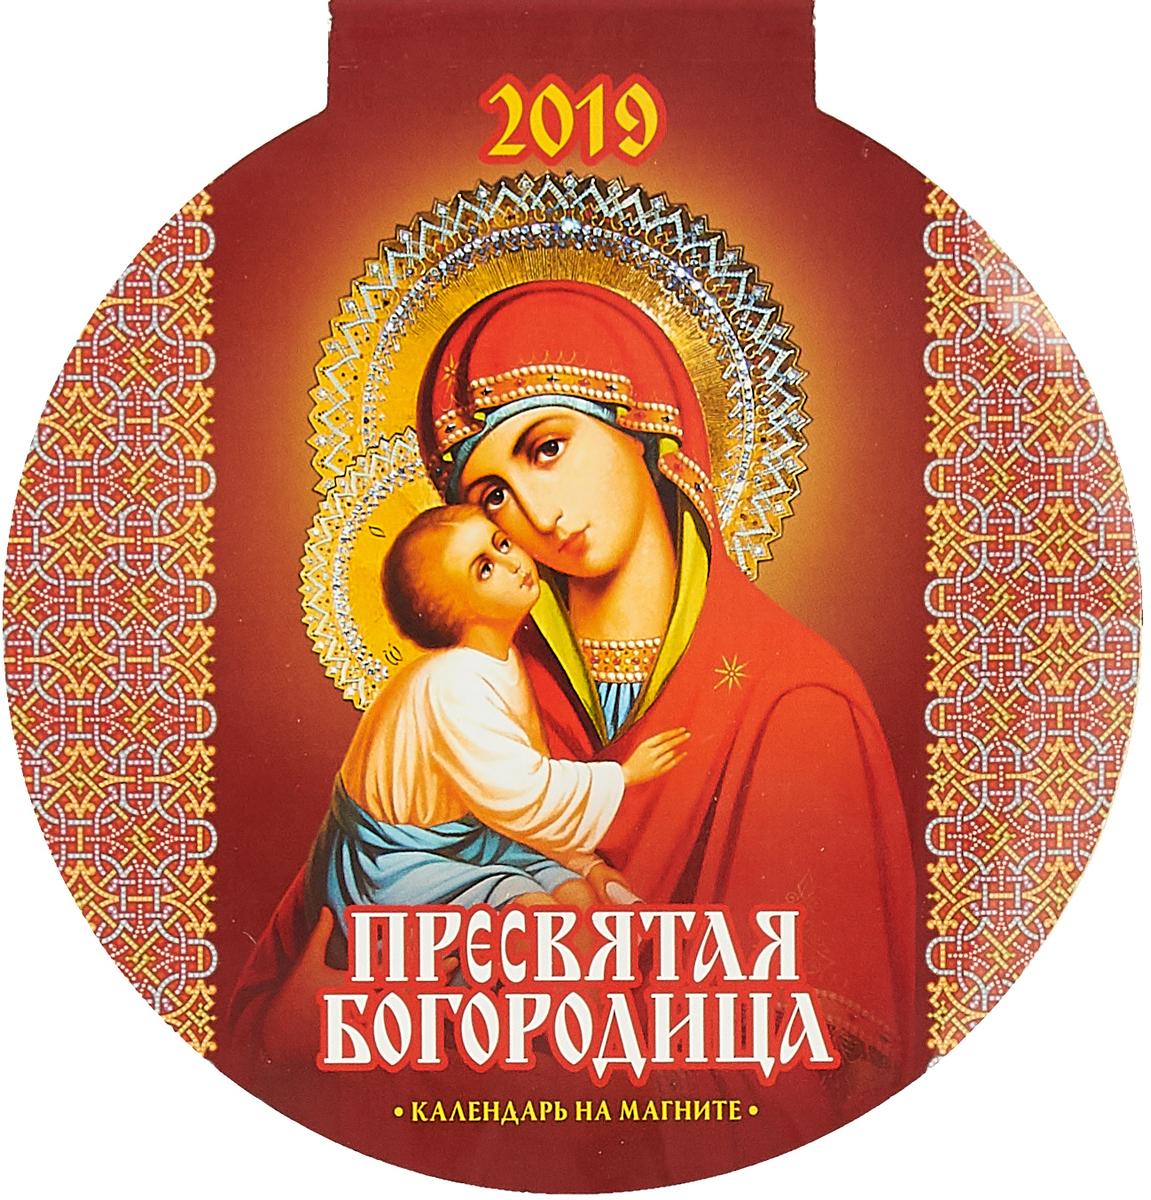 все цены на Православный календарь 2019 (на магните). Пресвятая Богородица